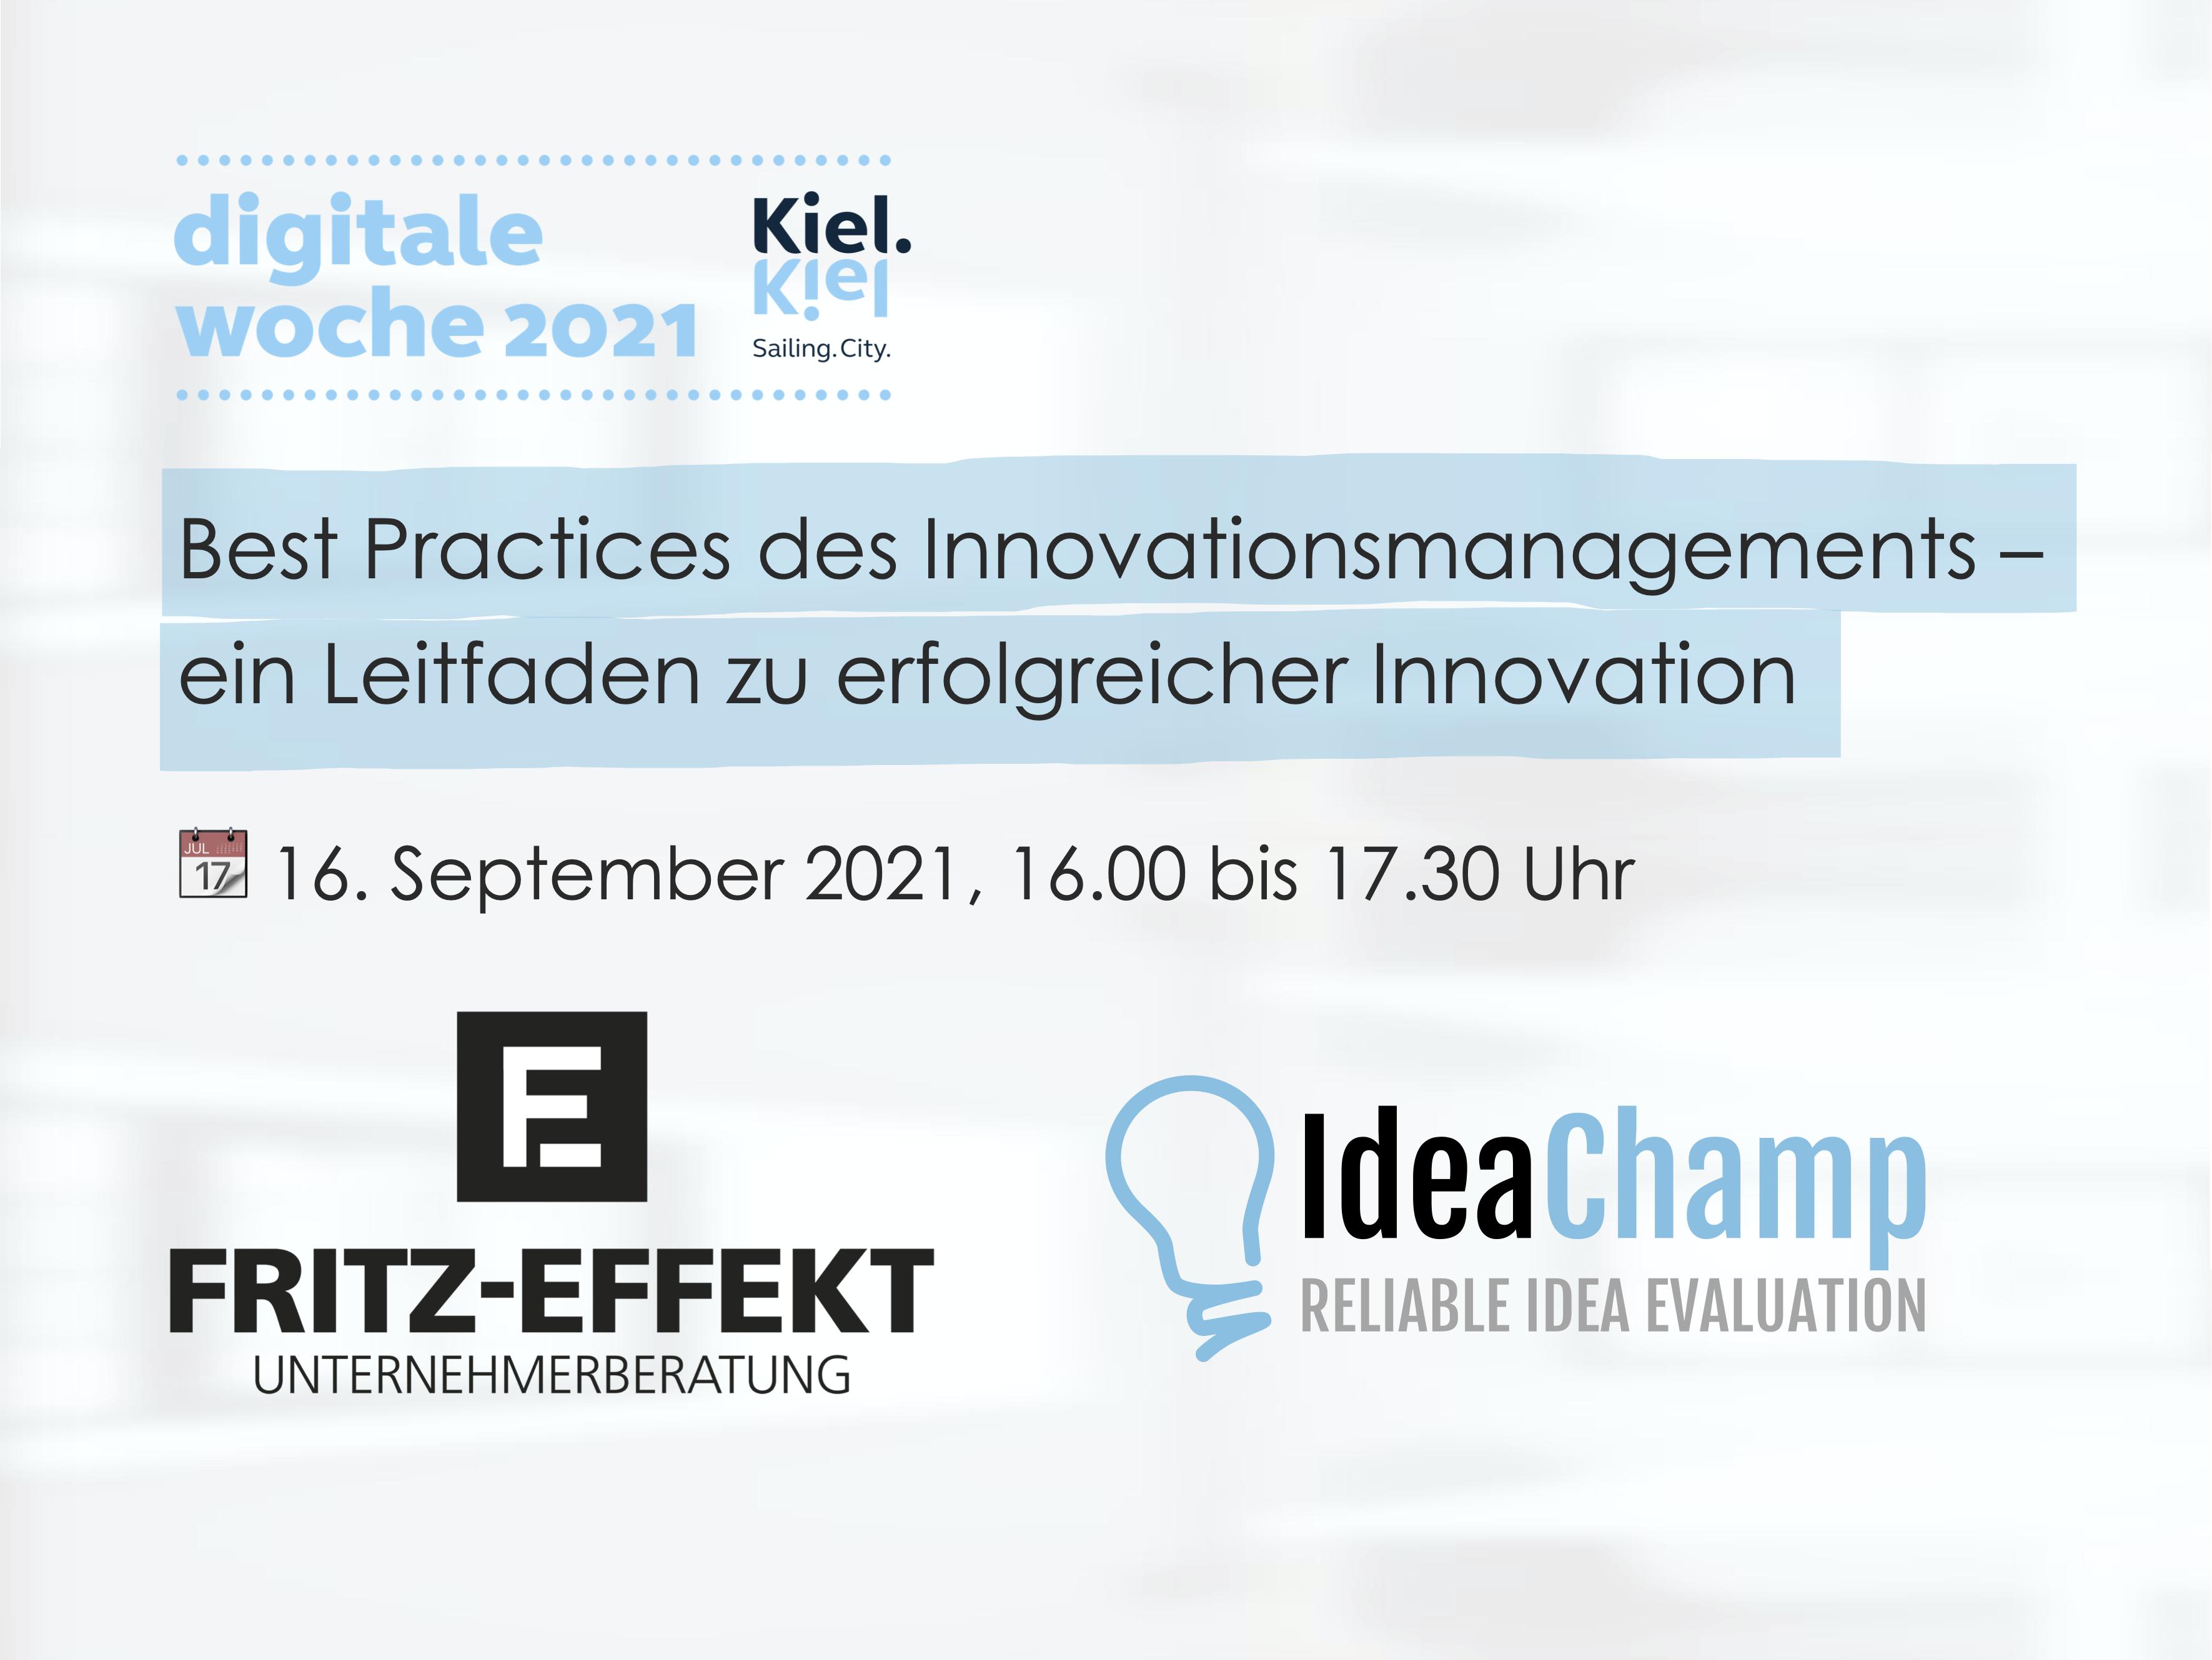 Einladung Digitale Woche Kiel 2021 - Best Practices des Innovationsmanagement - ein Leitfaden zu erfolgreicher Innovation